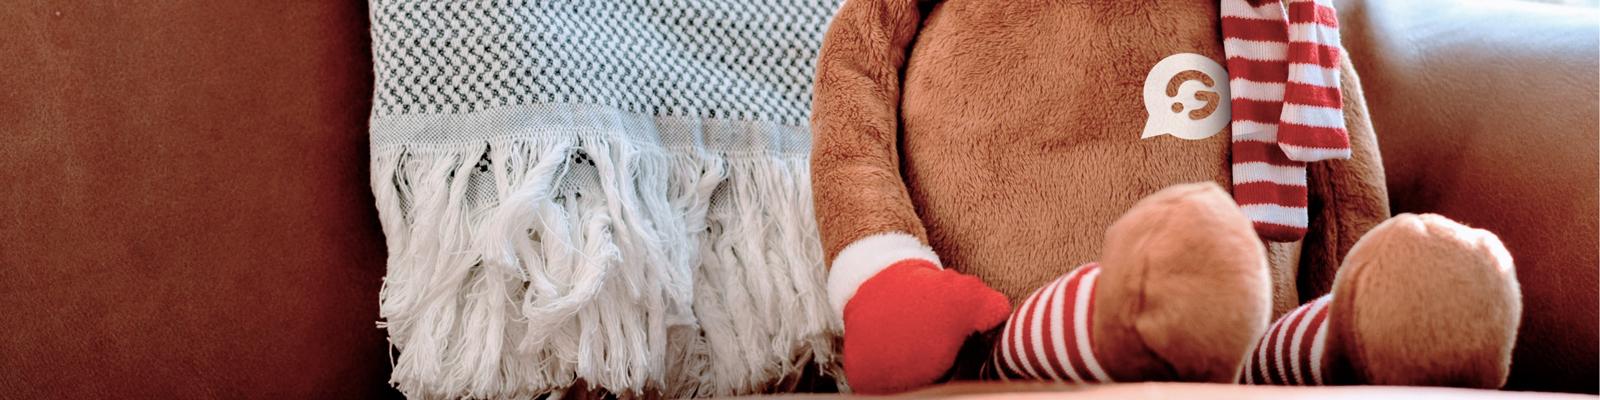 Goodies promotionnels - Peluches personnalisées - Garment Printing